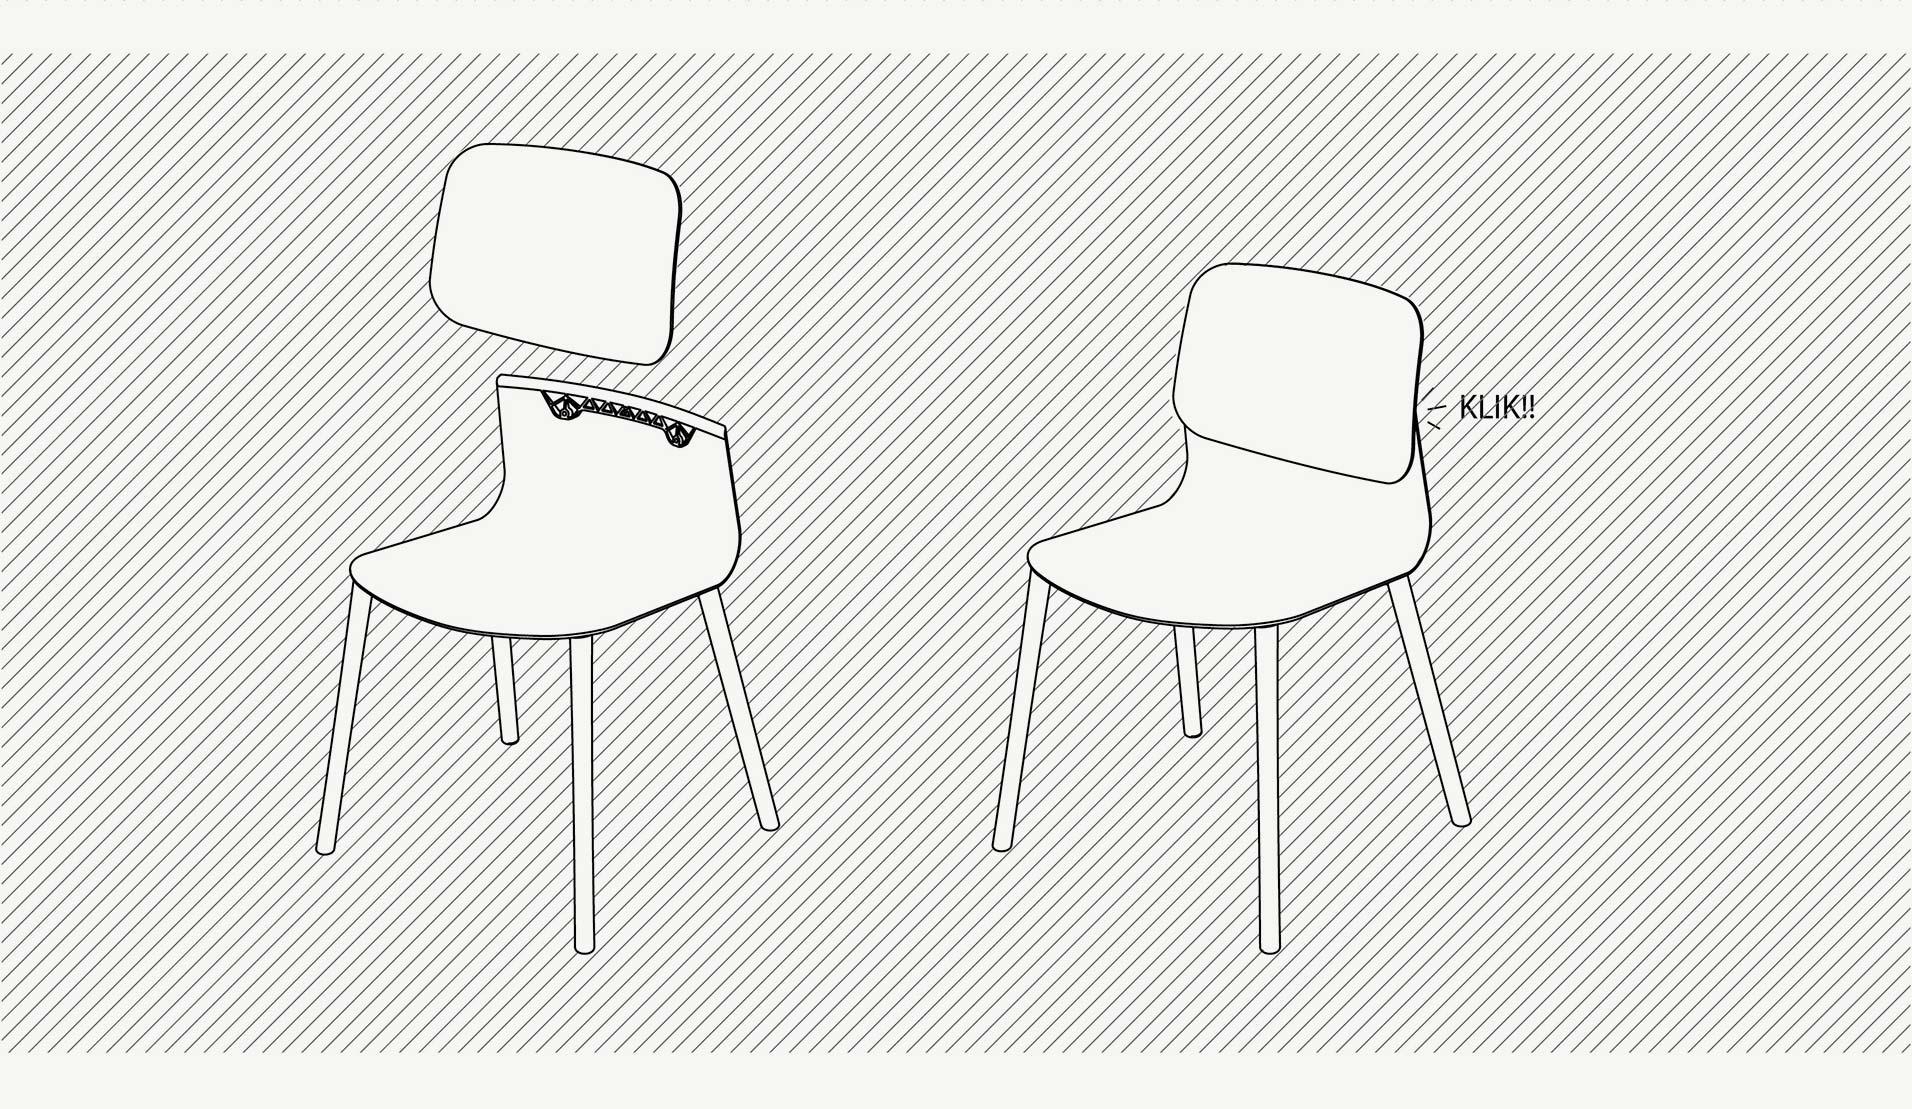 klik-design-task-chair-sokoa-iratzoki-lizaso